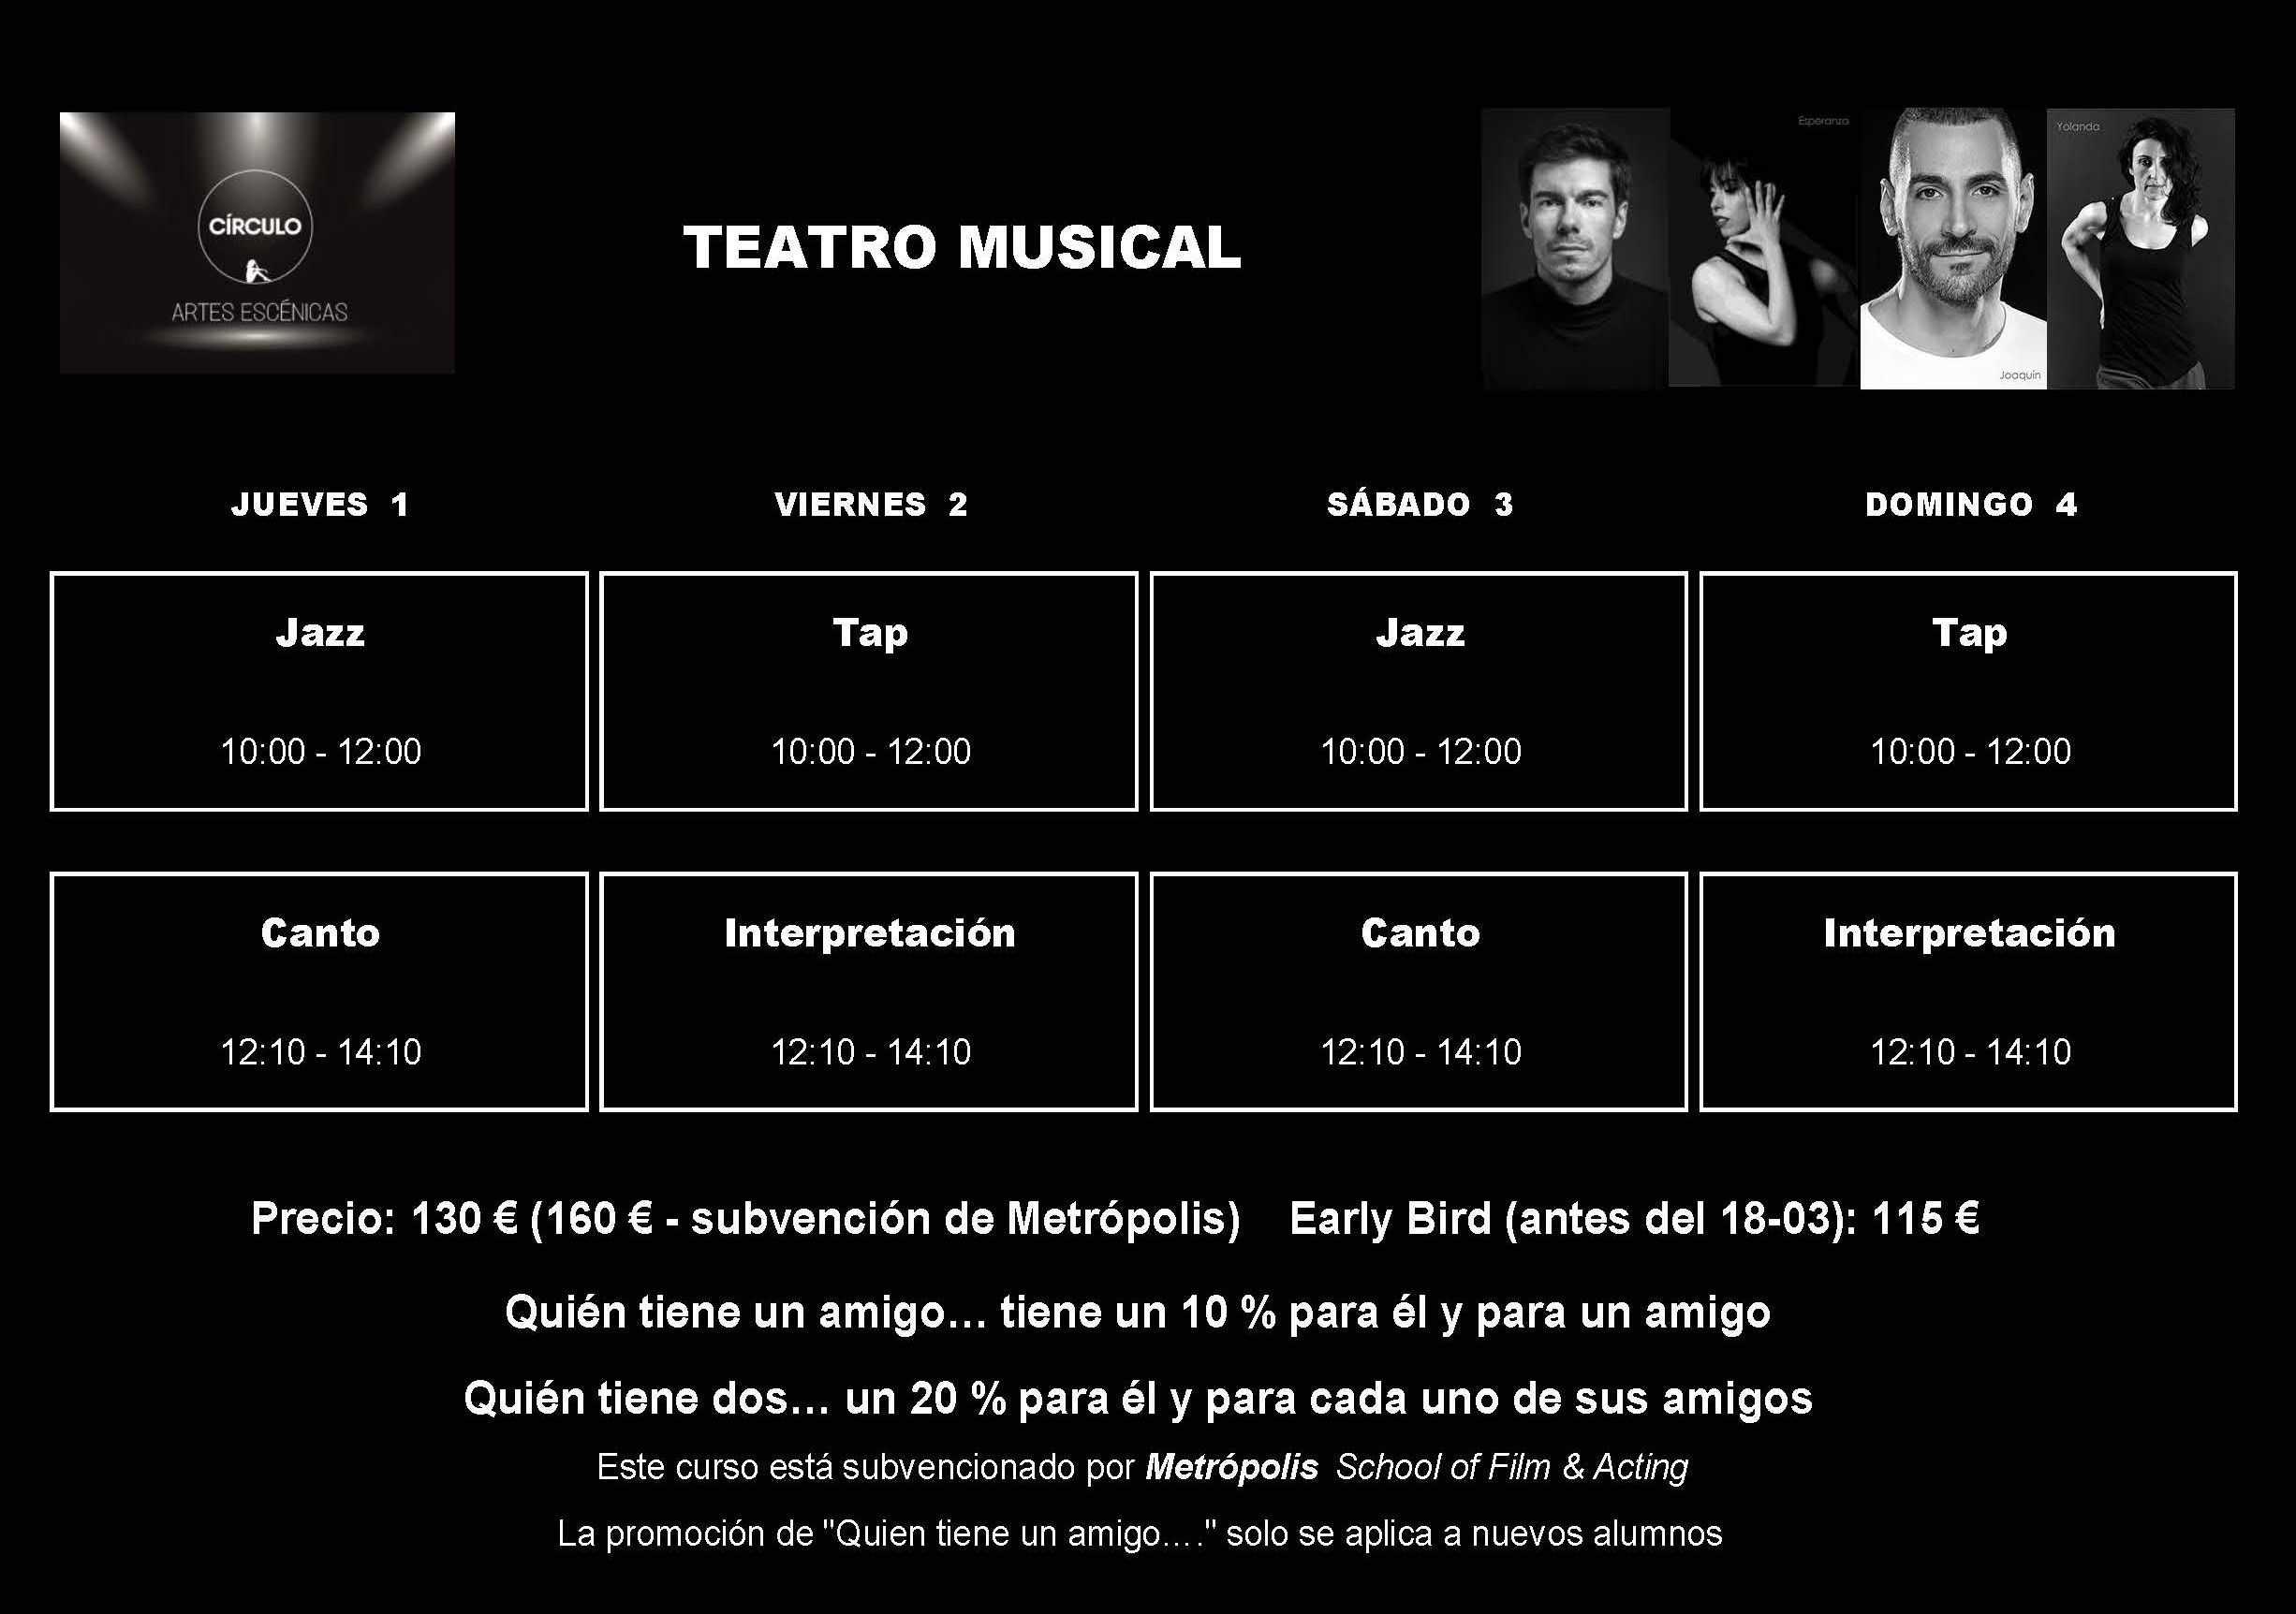 Círculo de Baile. Artes Escénicas. Workshop Teatro Musical Adultos. Horario